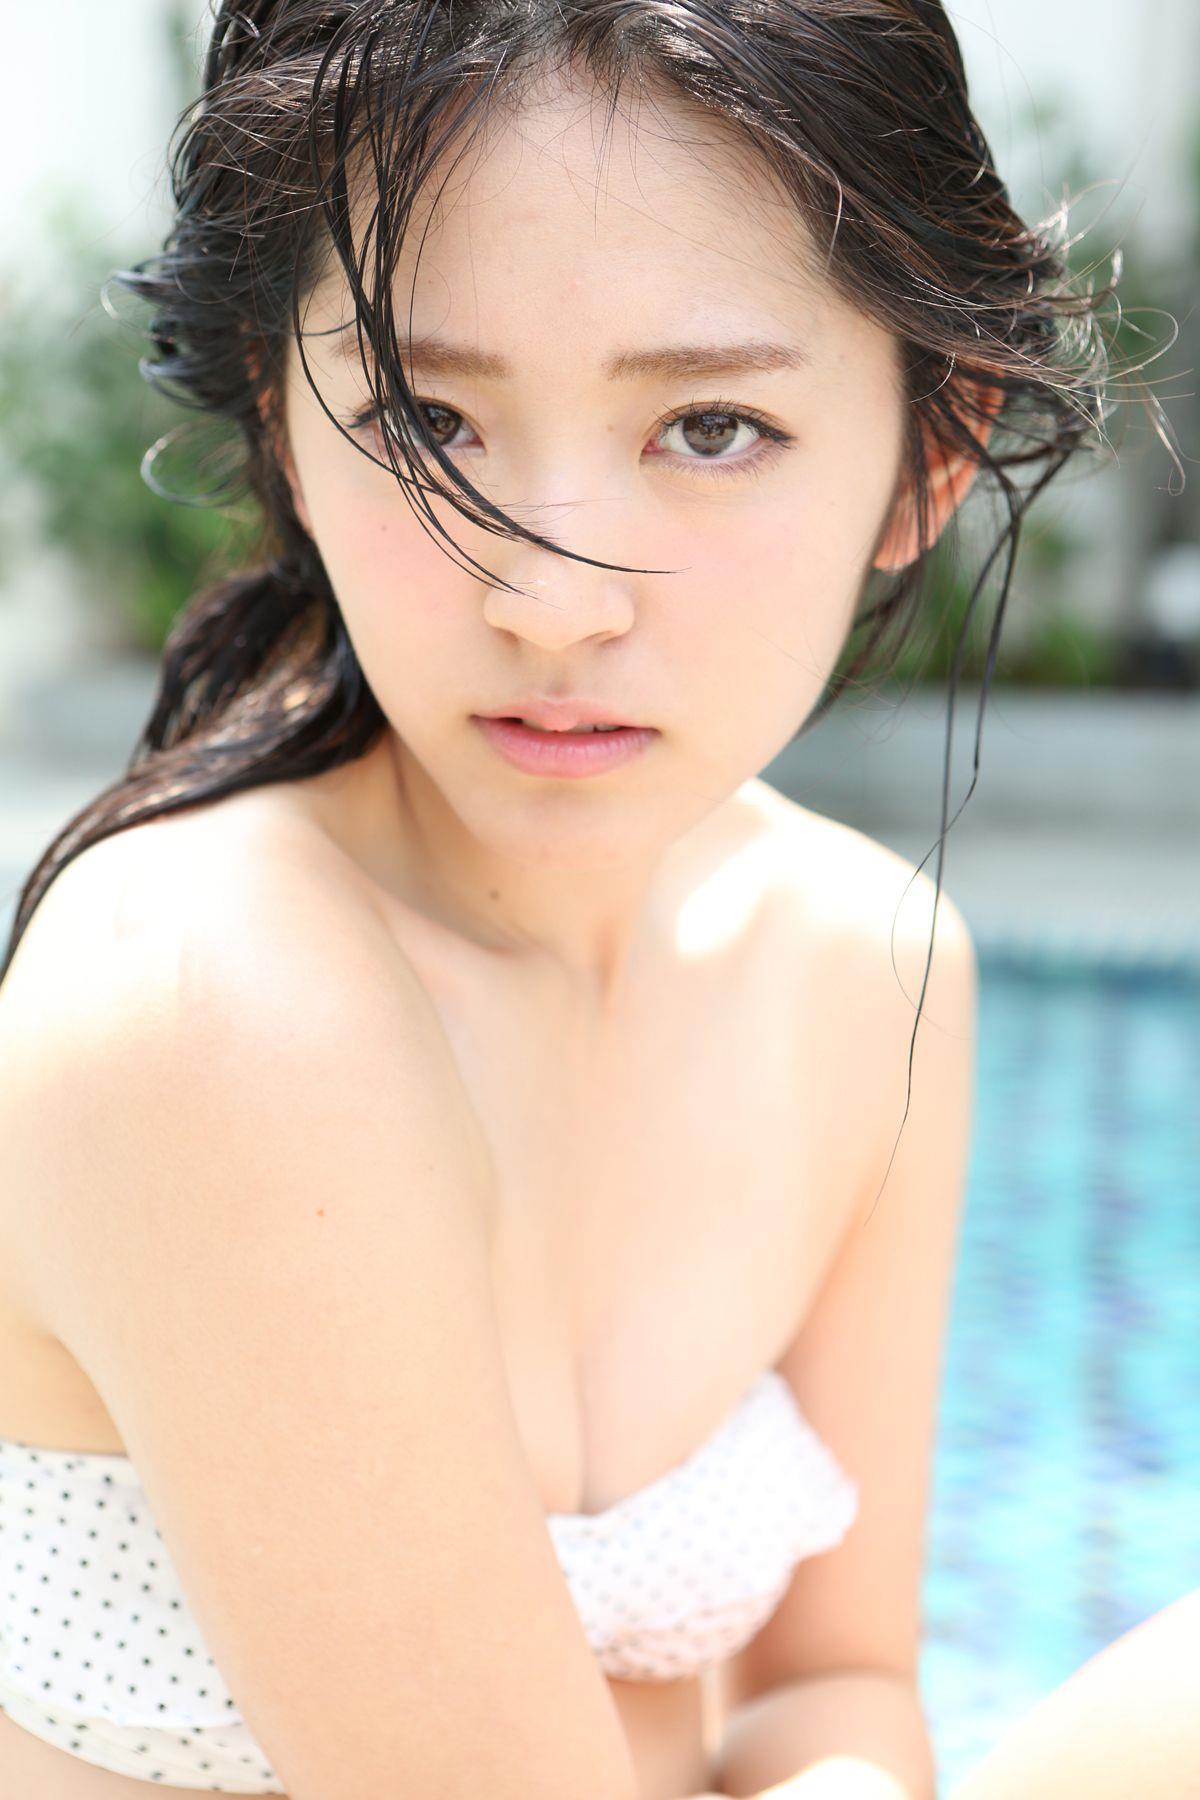 鈴木愛理(℃-ute) 画像 27